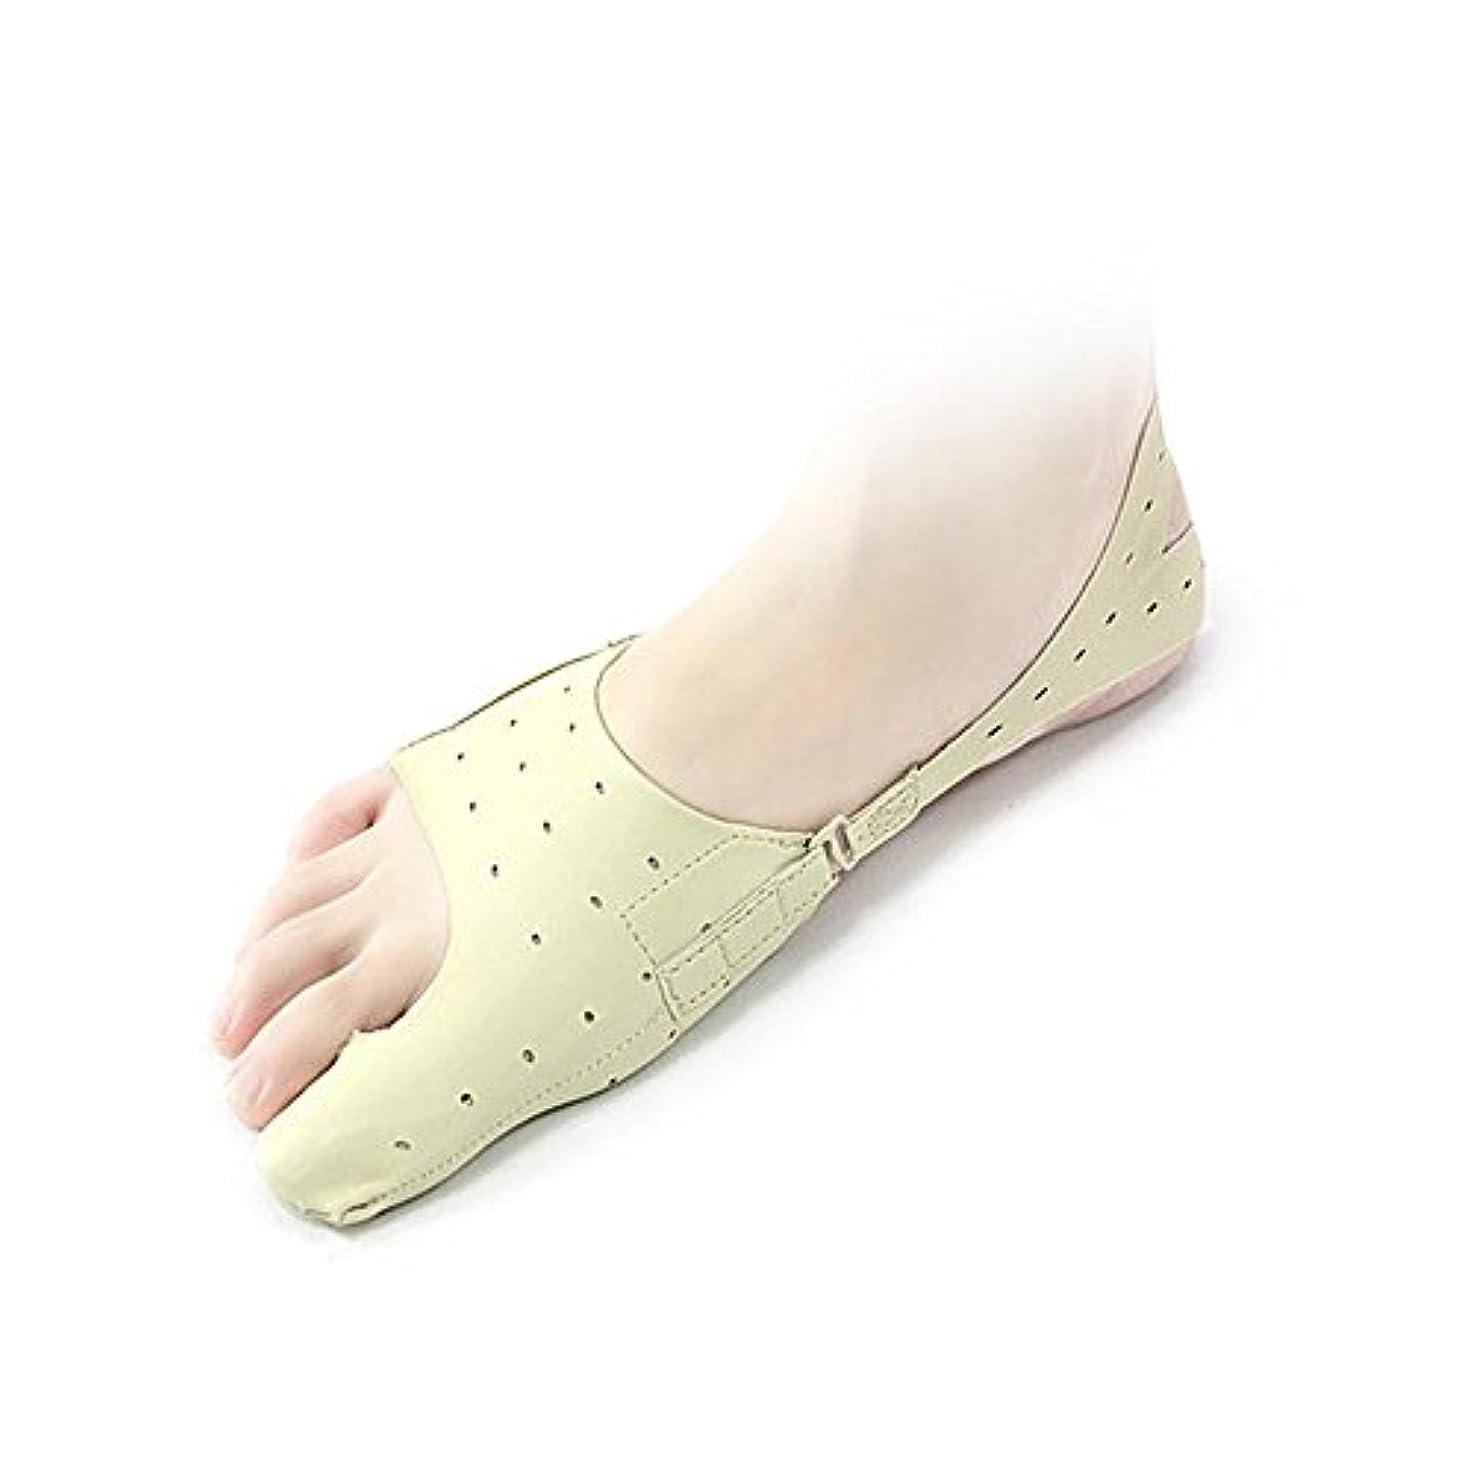 修士号砦エゴイズム1組の腱膜矯正装置、調節可能な足矯正Seperators、仕立て屋腱膜リリーフソックススリーブ、足のつま先プロテクターストレートフットボールのクッションビッグトゥスペーサー - ハンマー重複つま先